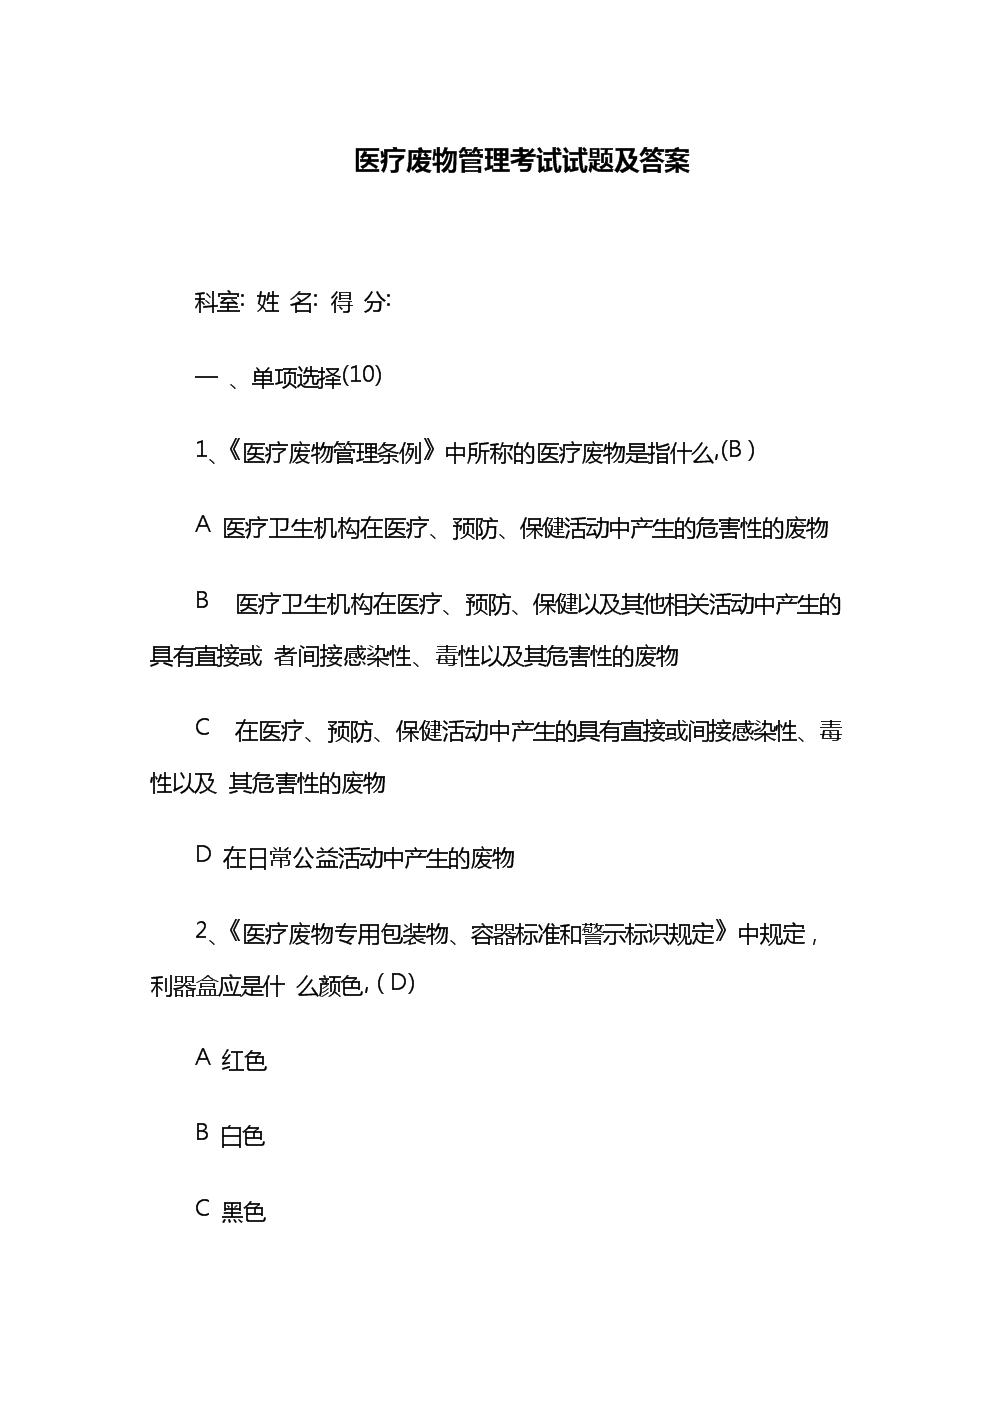 医疗废物管理考试试题及答案(Word版).doc